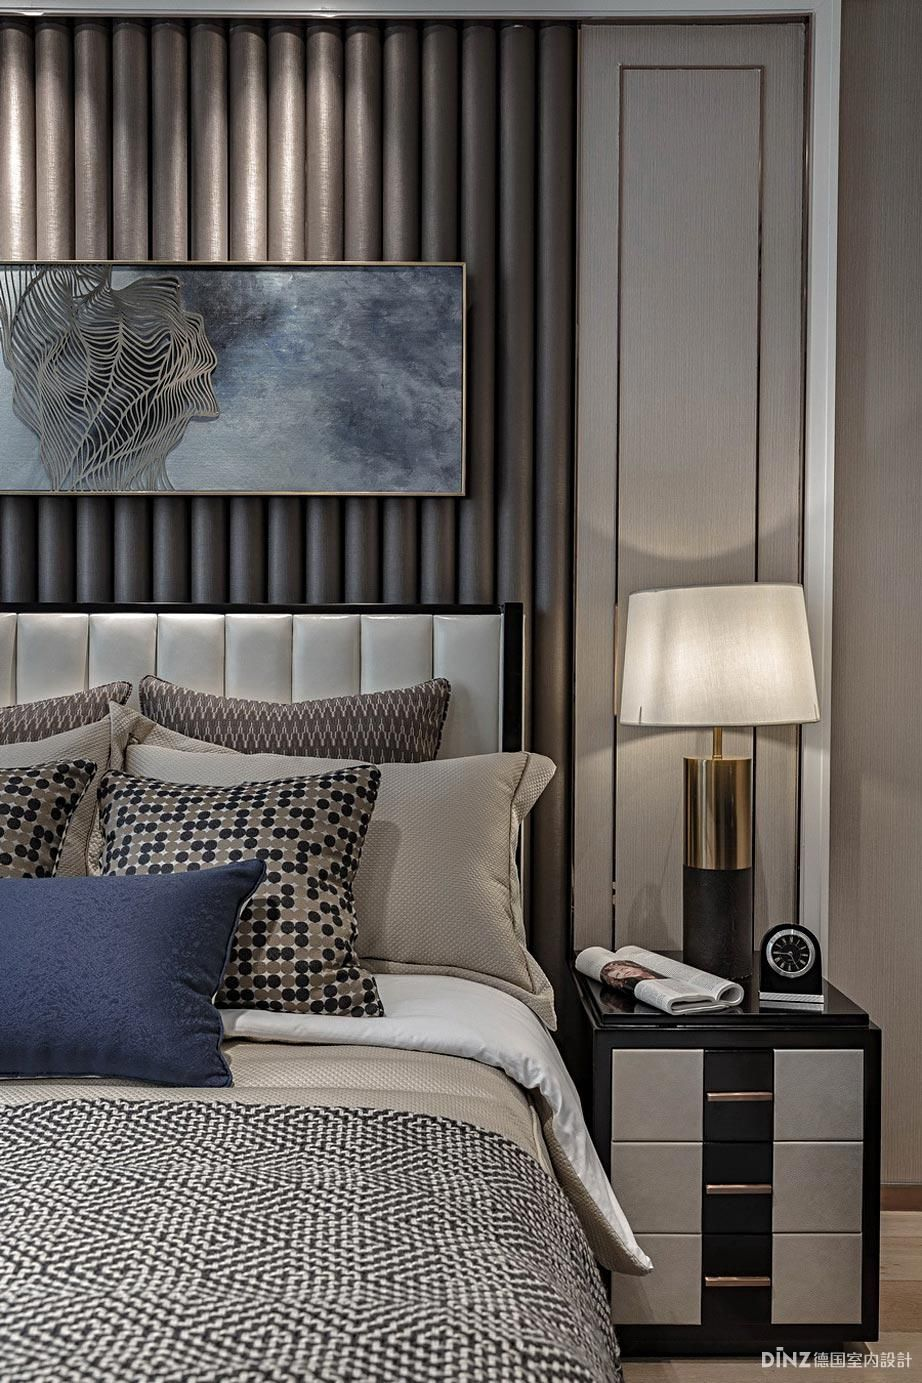 pin von pdd auf stuff to buy pinterest schlafzimmer sch ner wohnen und wohnen. Black Bedroom Furniture Sets. Home Design Ideas